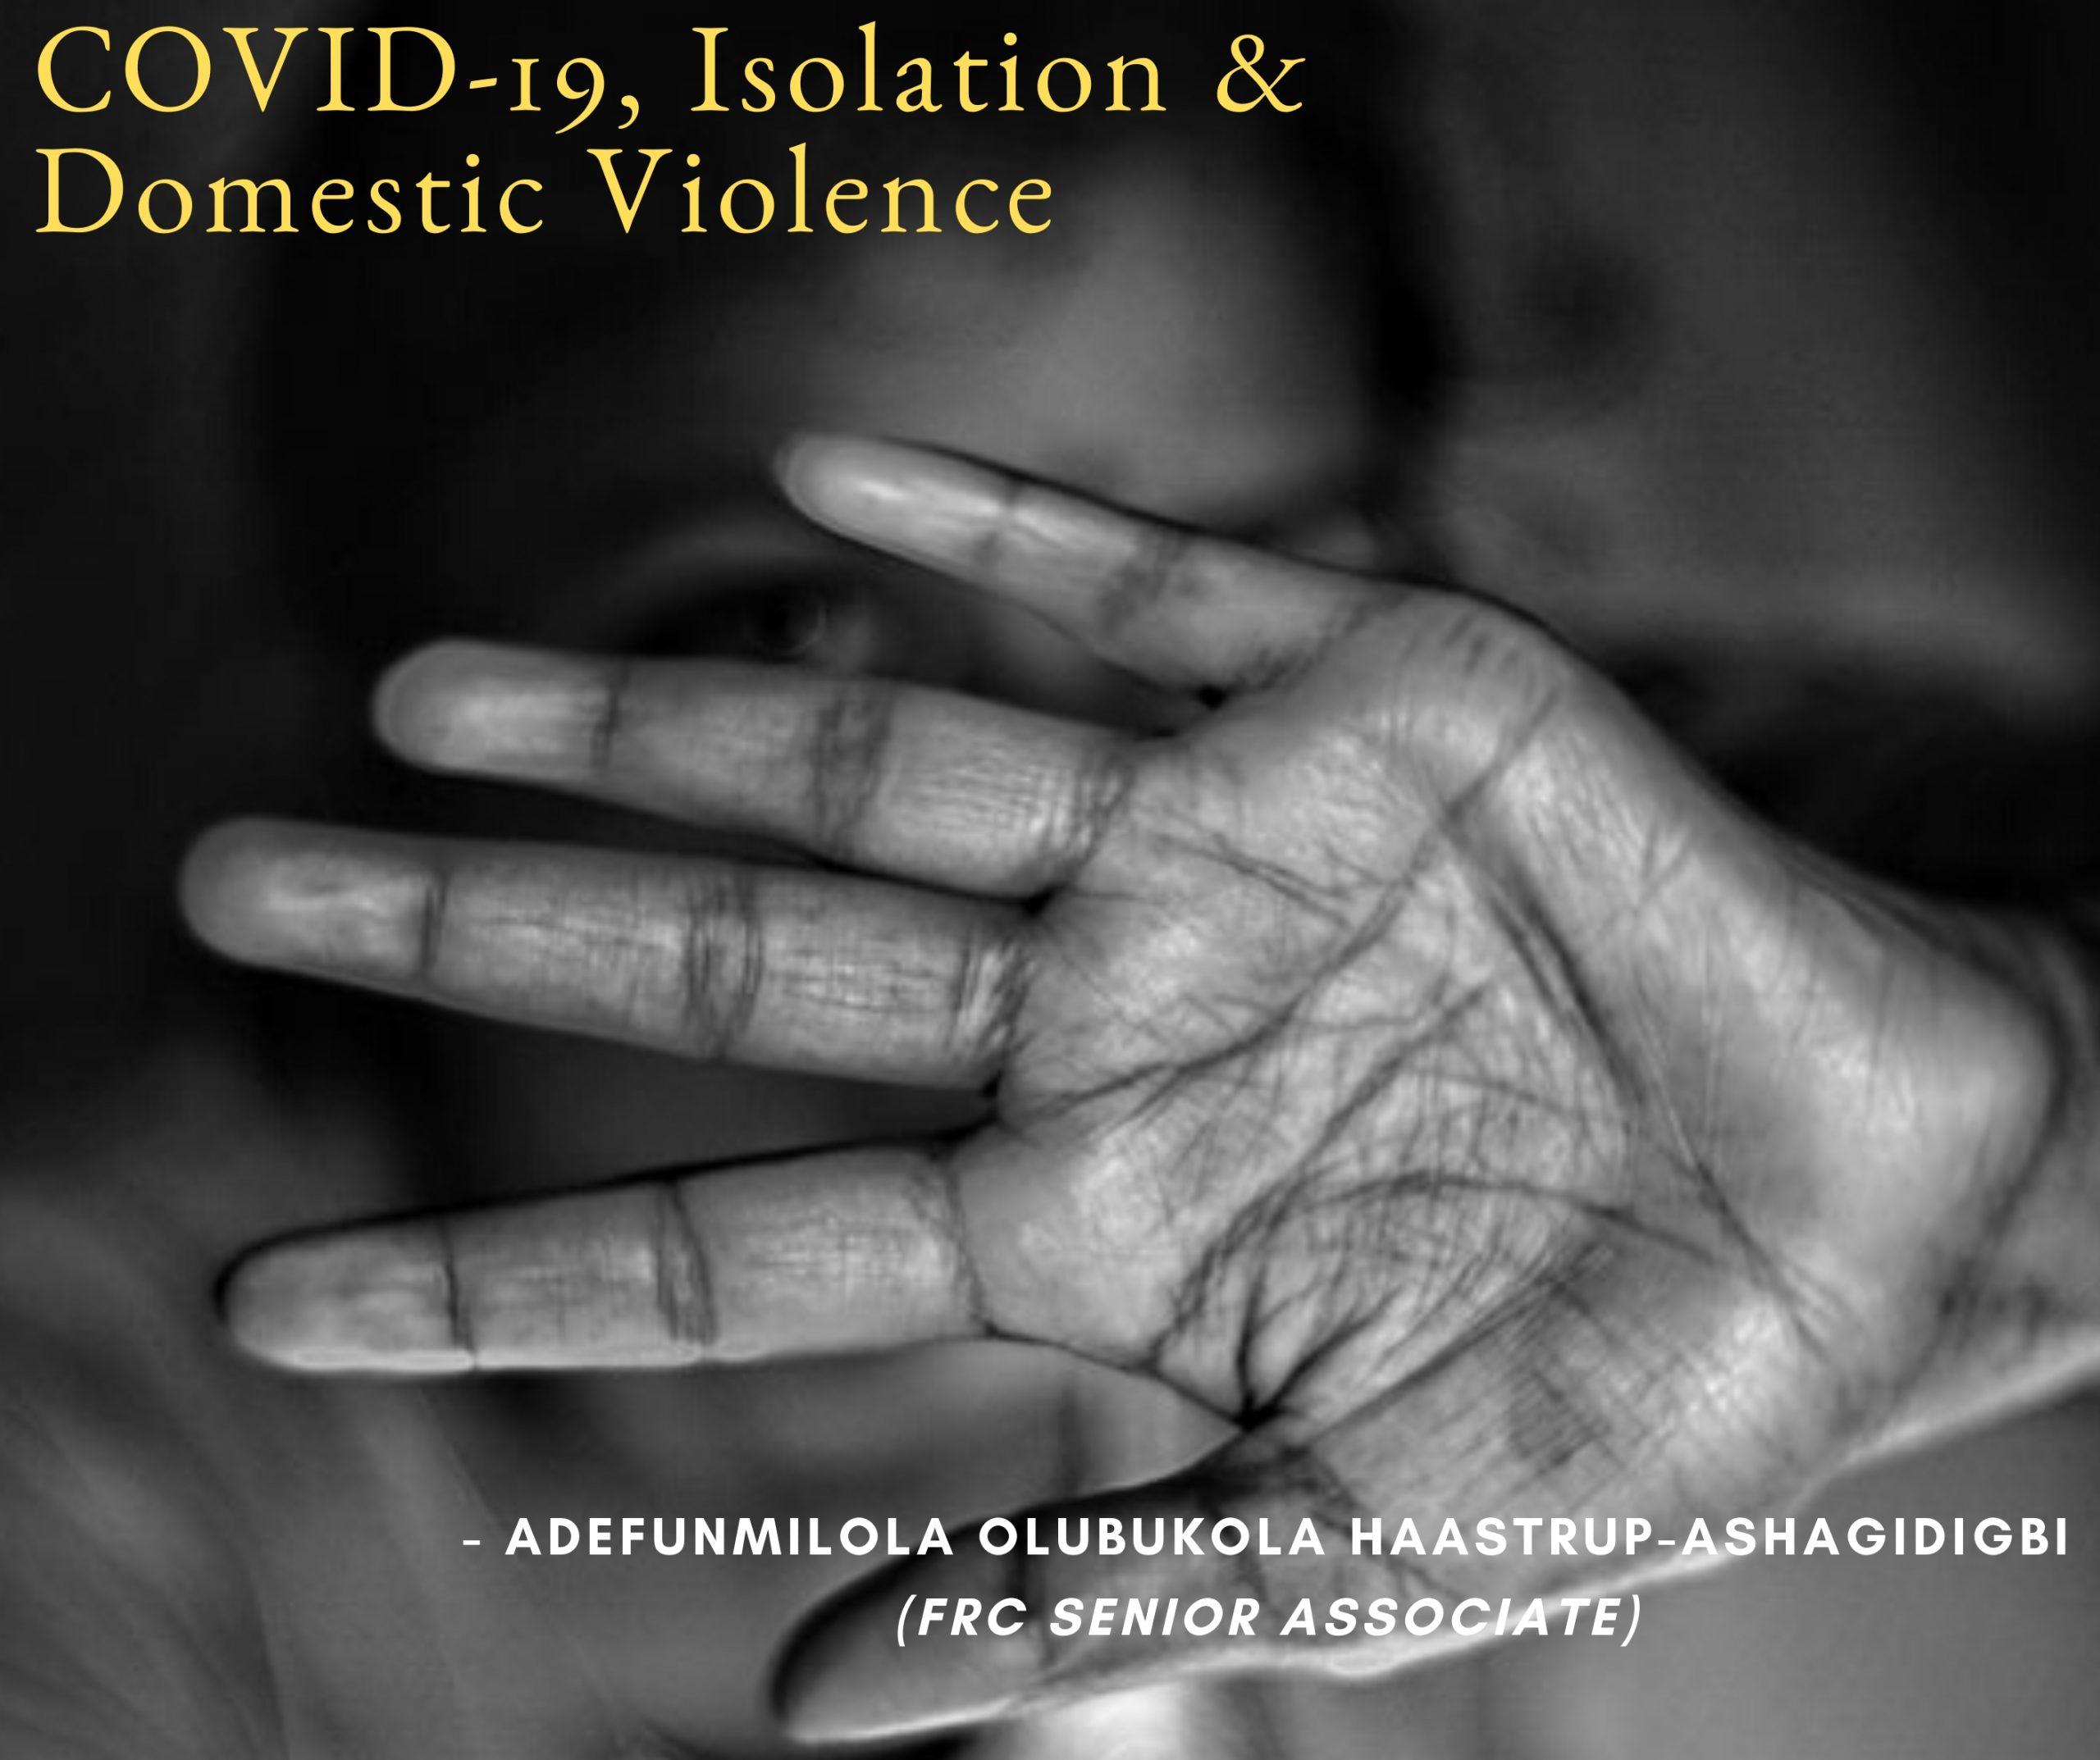 COVID-19, Isolation & Domestic Violence